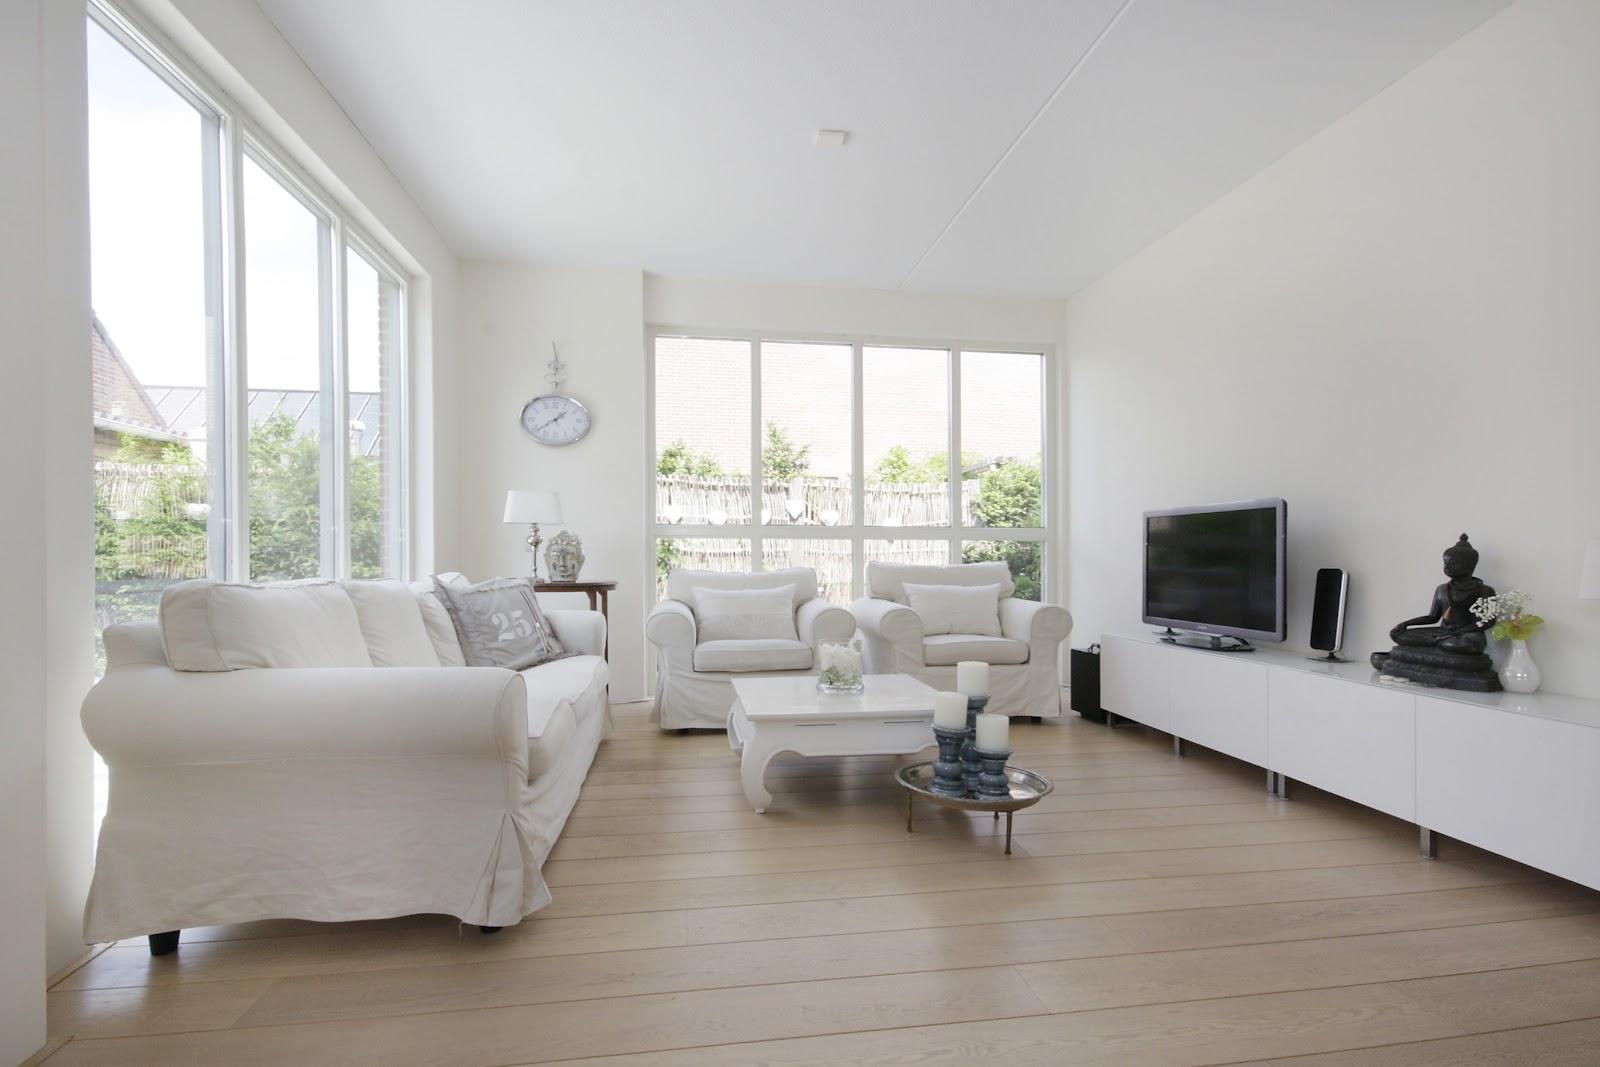 Behang slaapkamer landelijk ~ [spscents.com]